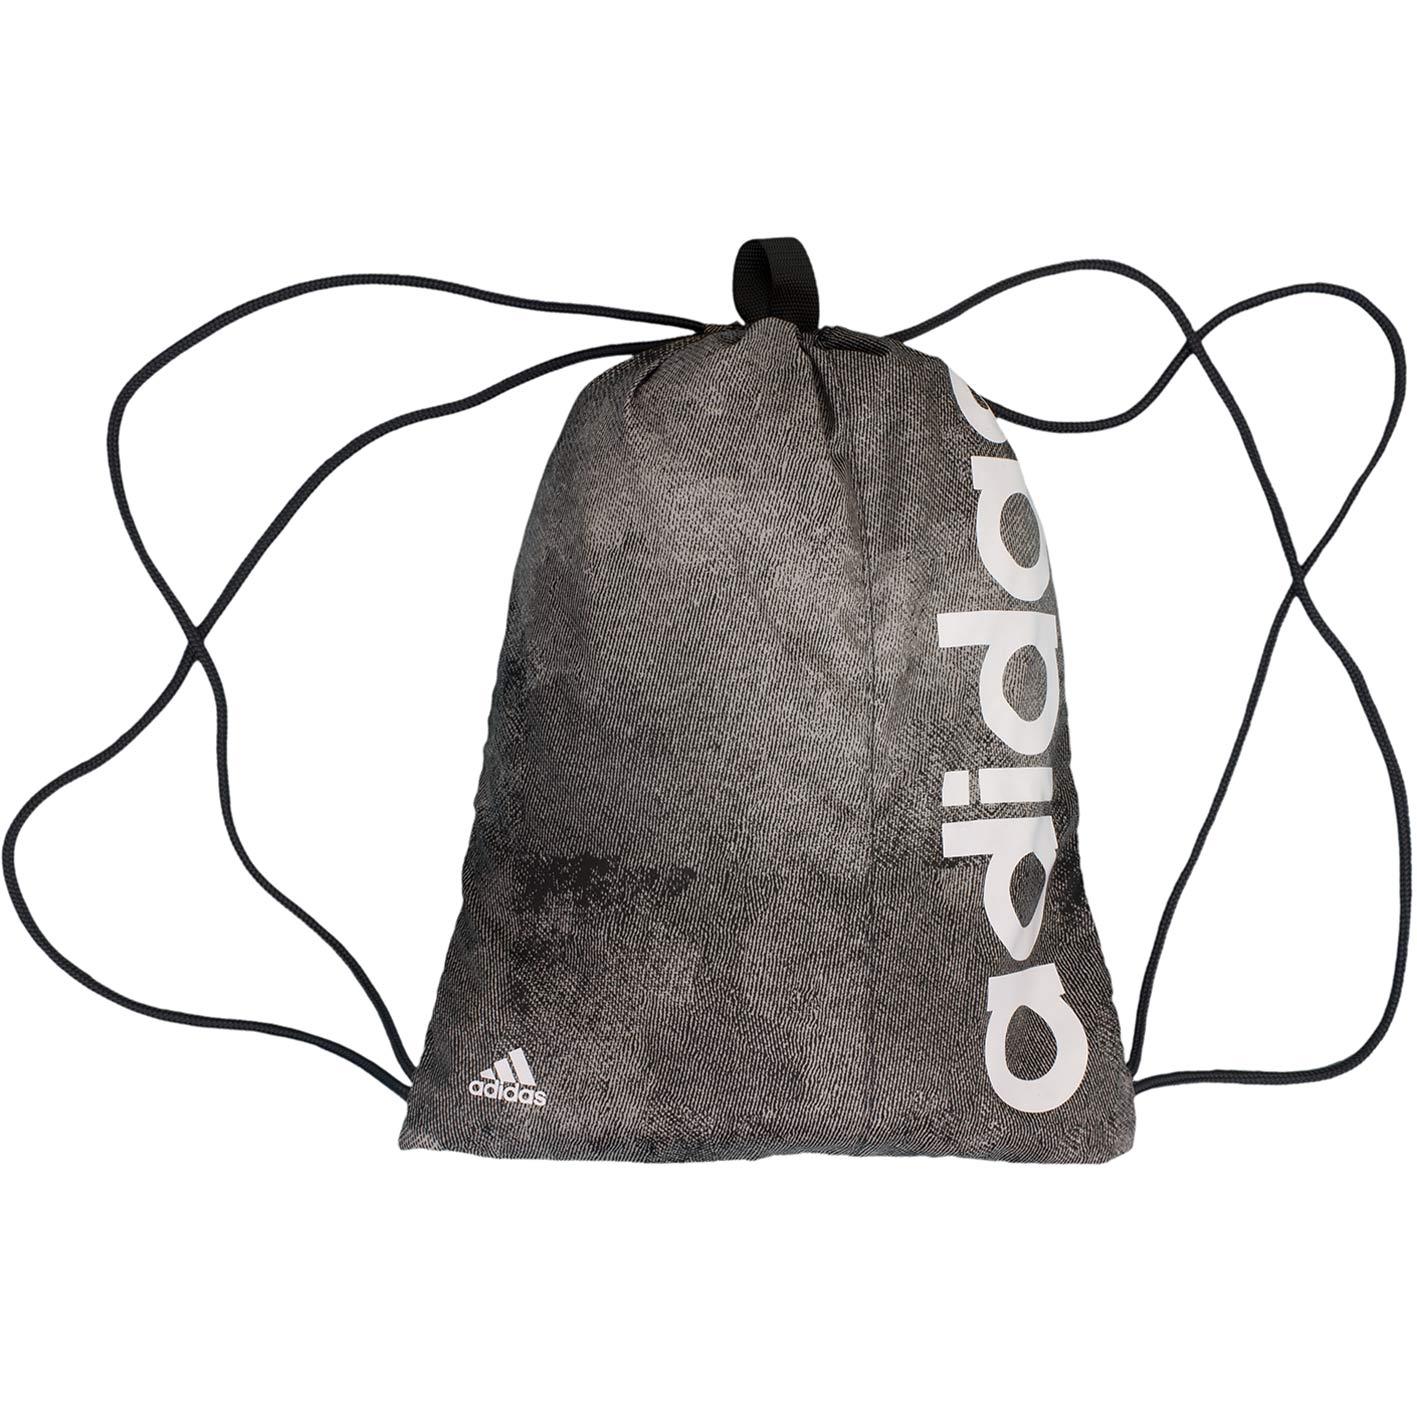 e9a5948add ☆ Adidas Originals Gym Bag Linear Performance Gym grau - hier ...